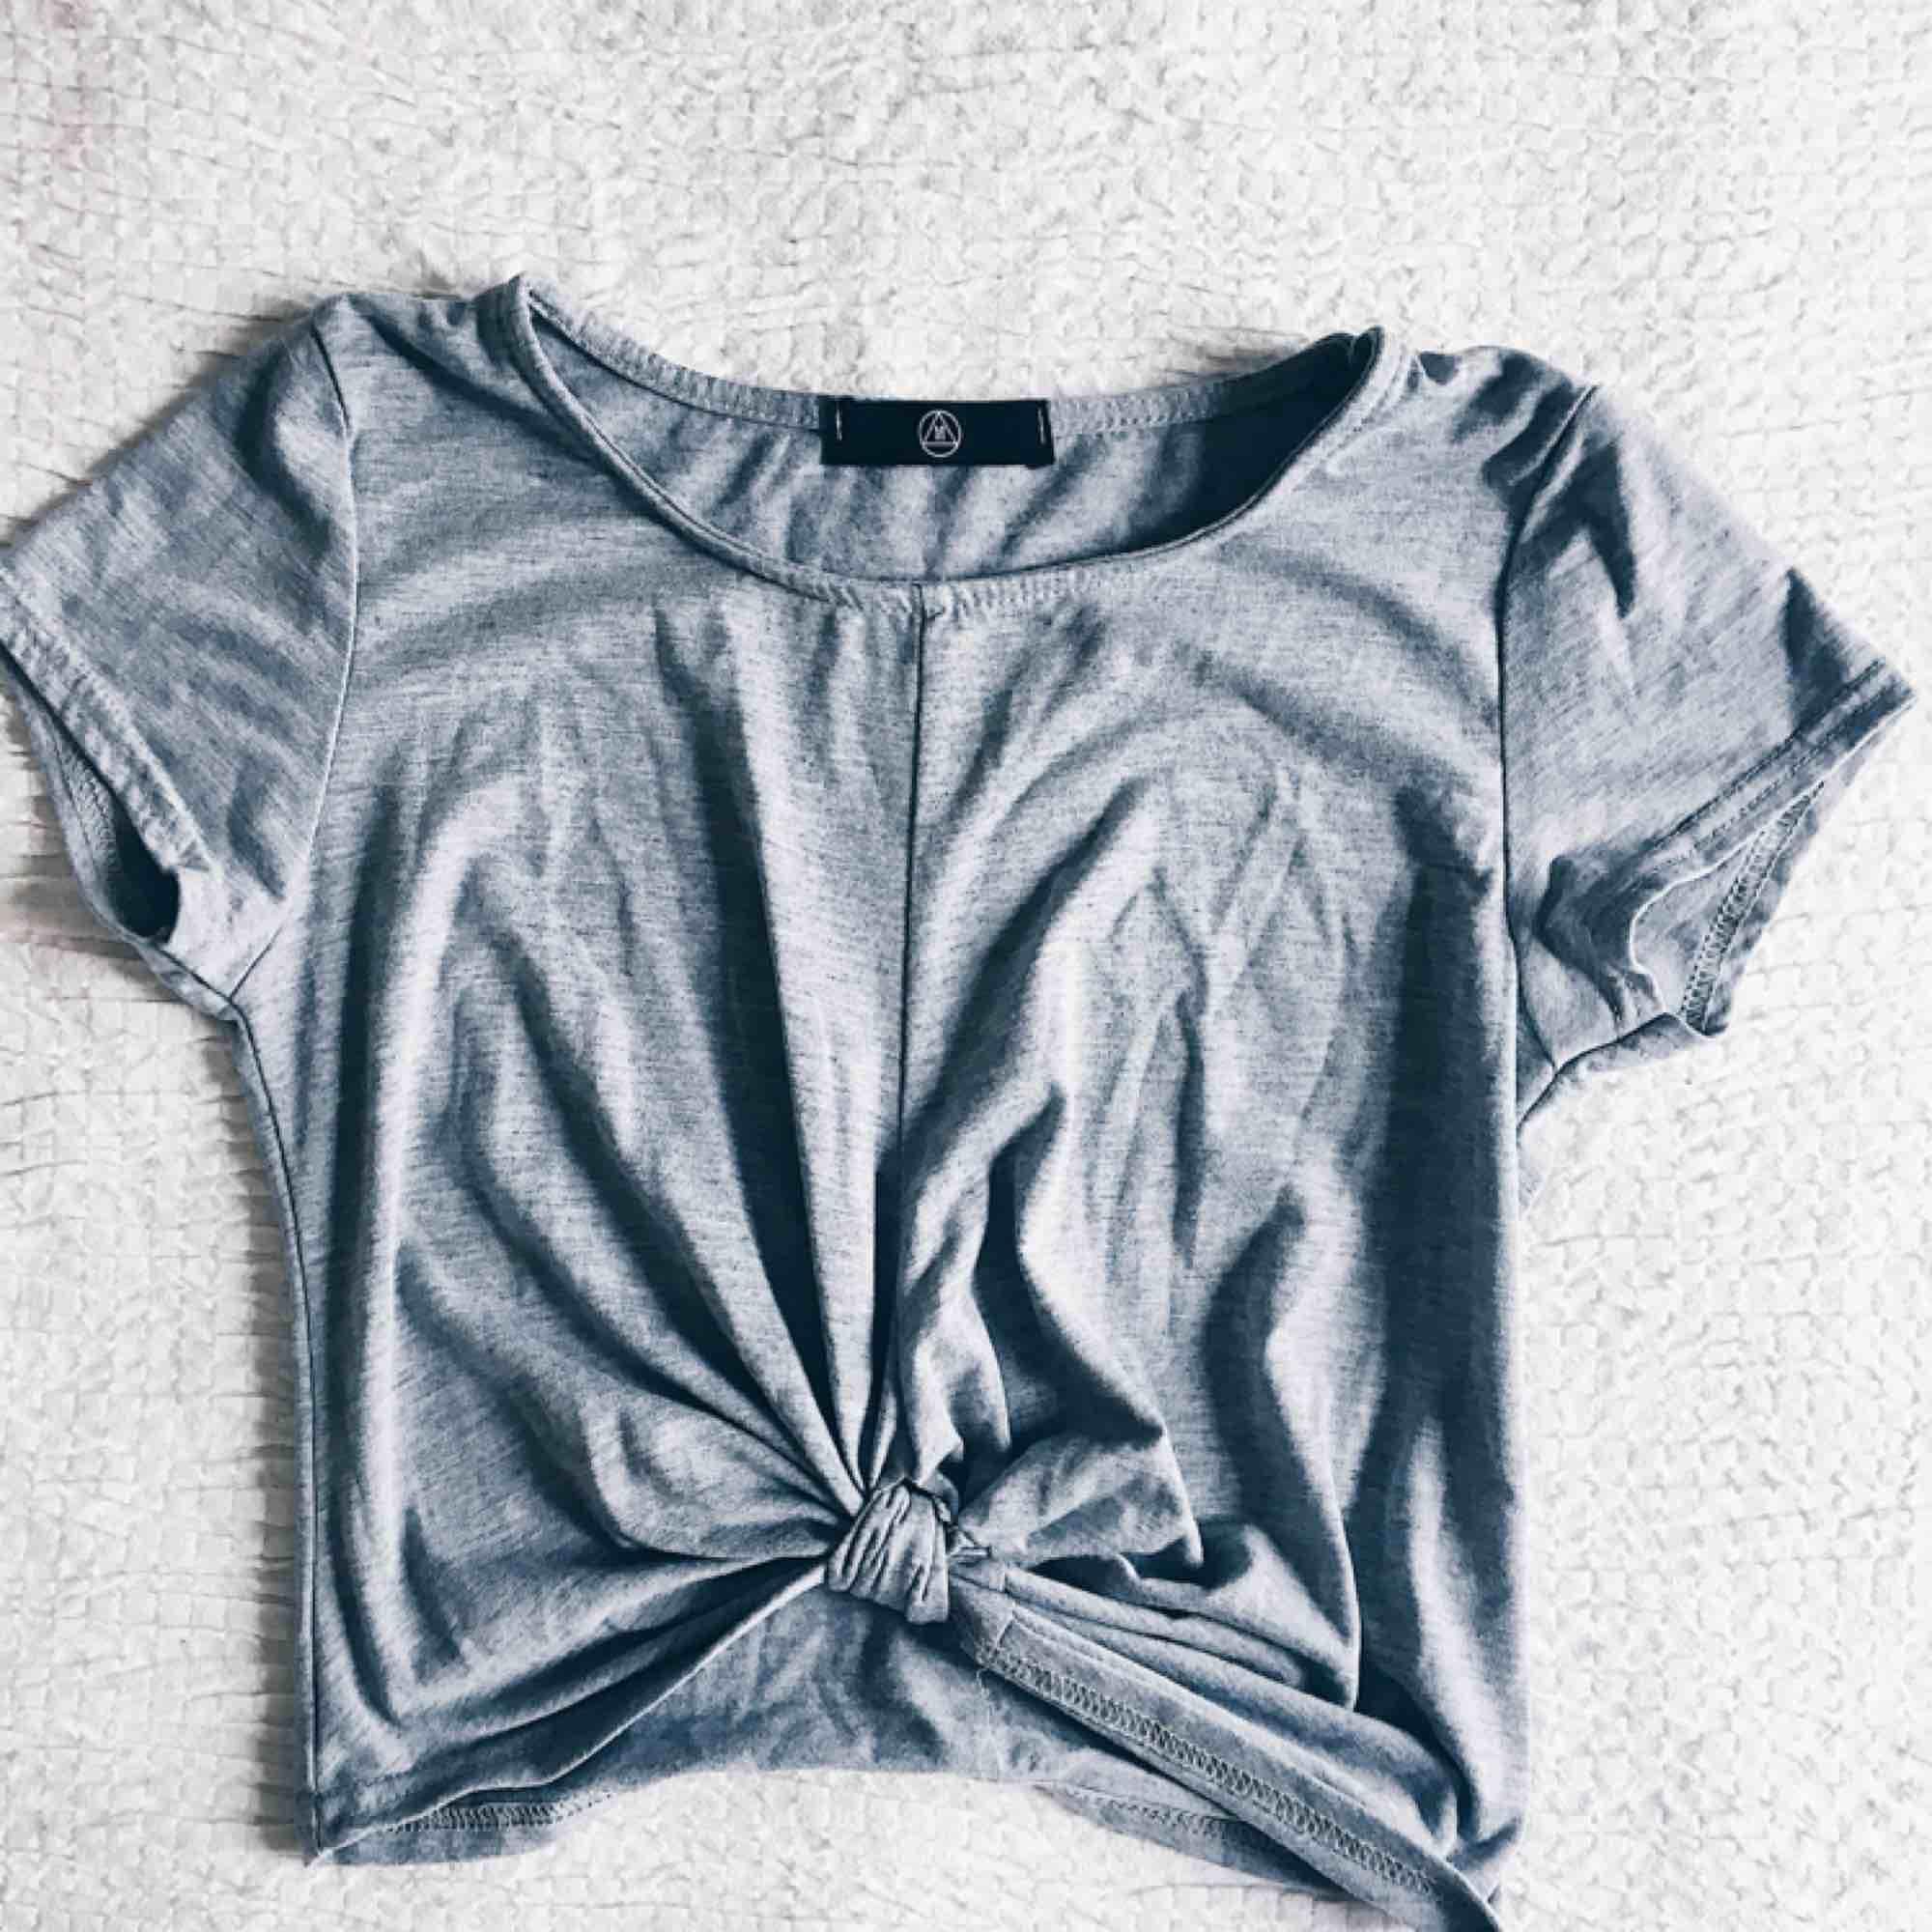 T-shirt från missguided. Knuten är fastsydd och ger en smickrande figur. Väldigt sparsamt använd så snälla ge denna fina tisha ett nytt hem! :) . T-shirts.